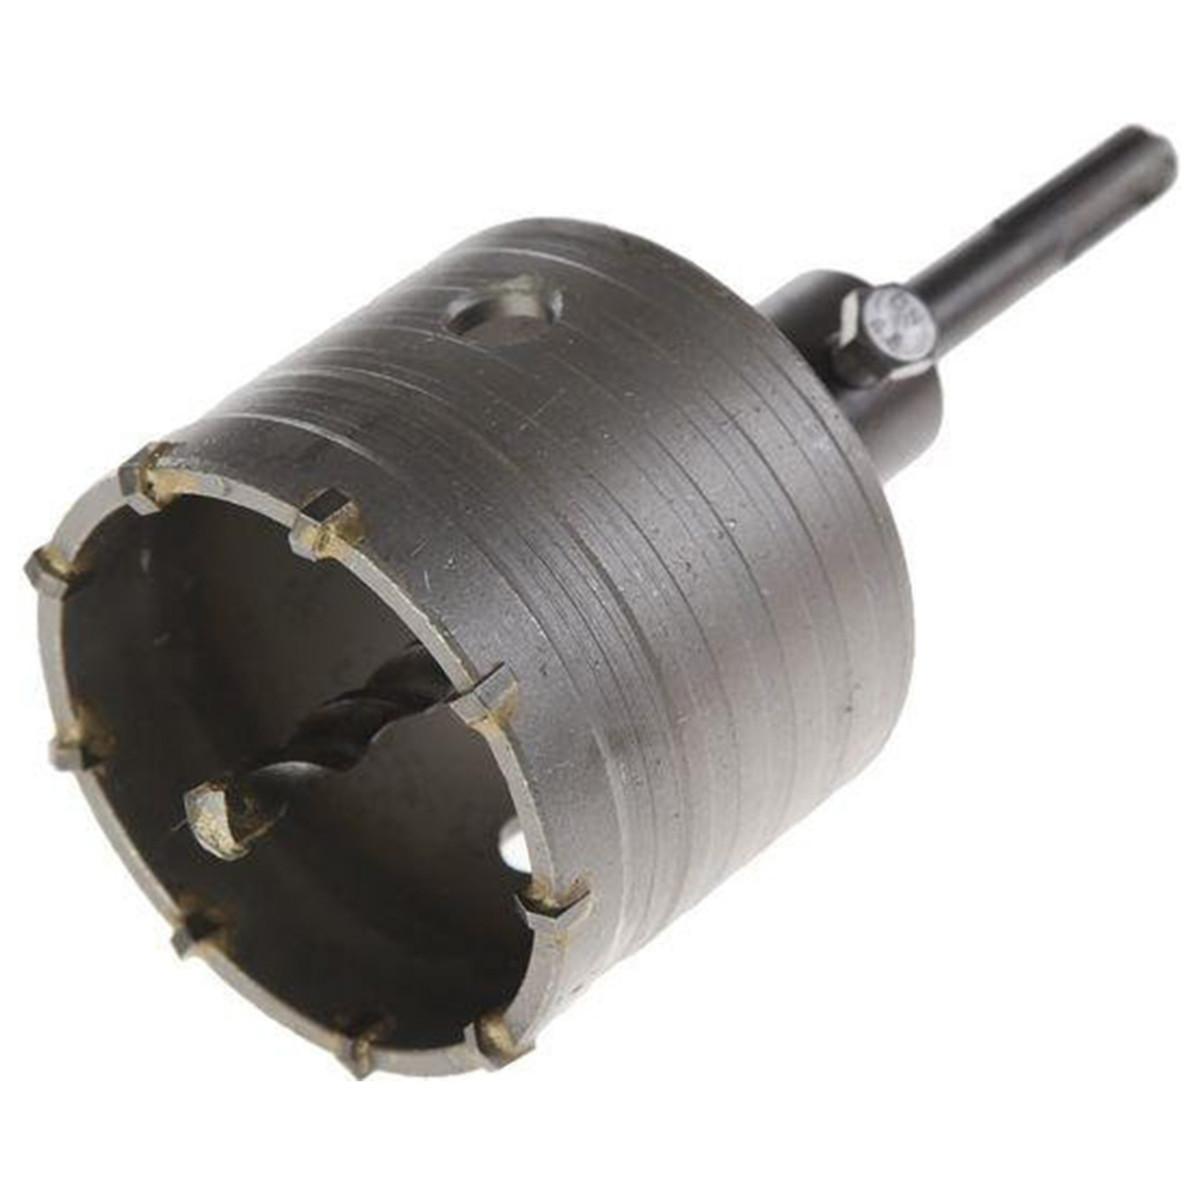 Купить коронку по бетону для перфоратора в леруа мерлен прочность керамзитобетона на сжатие в кгс см2